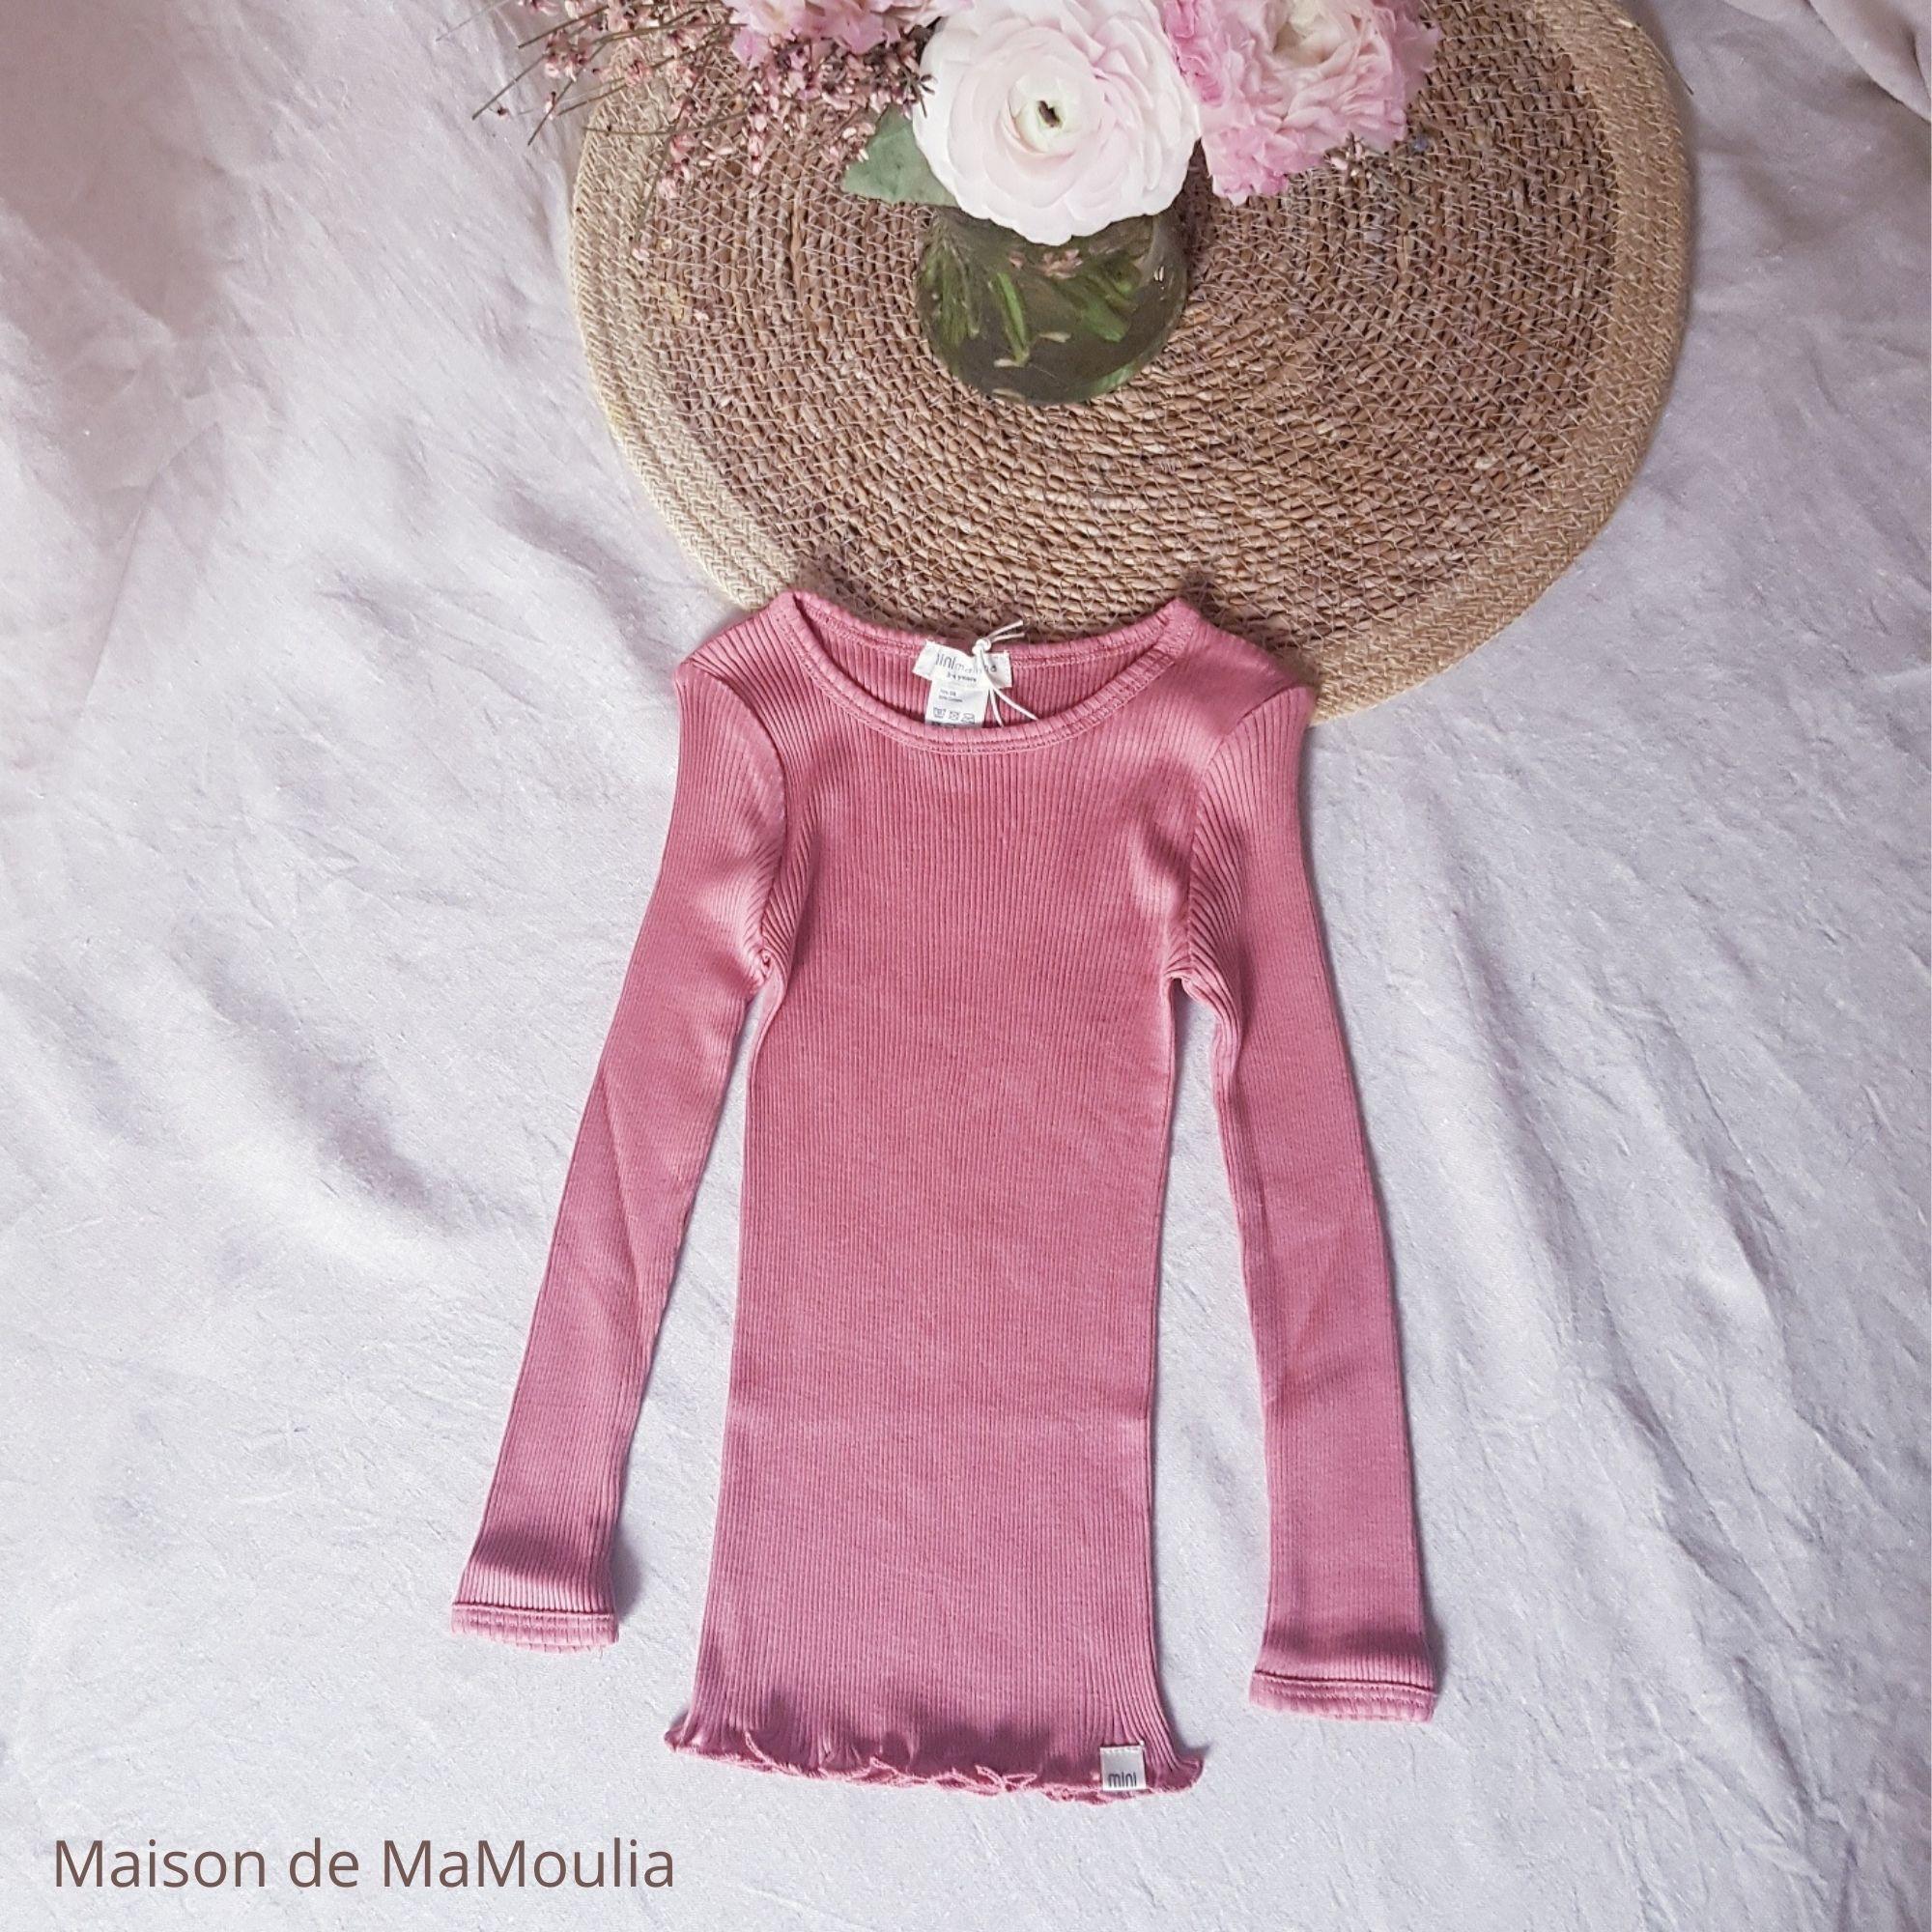 MINIMALISMA - T-shirt enfant - Soie 70% / coton 30% - Bergen - Antique red